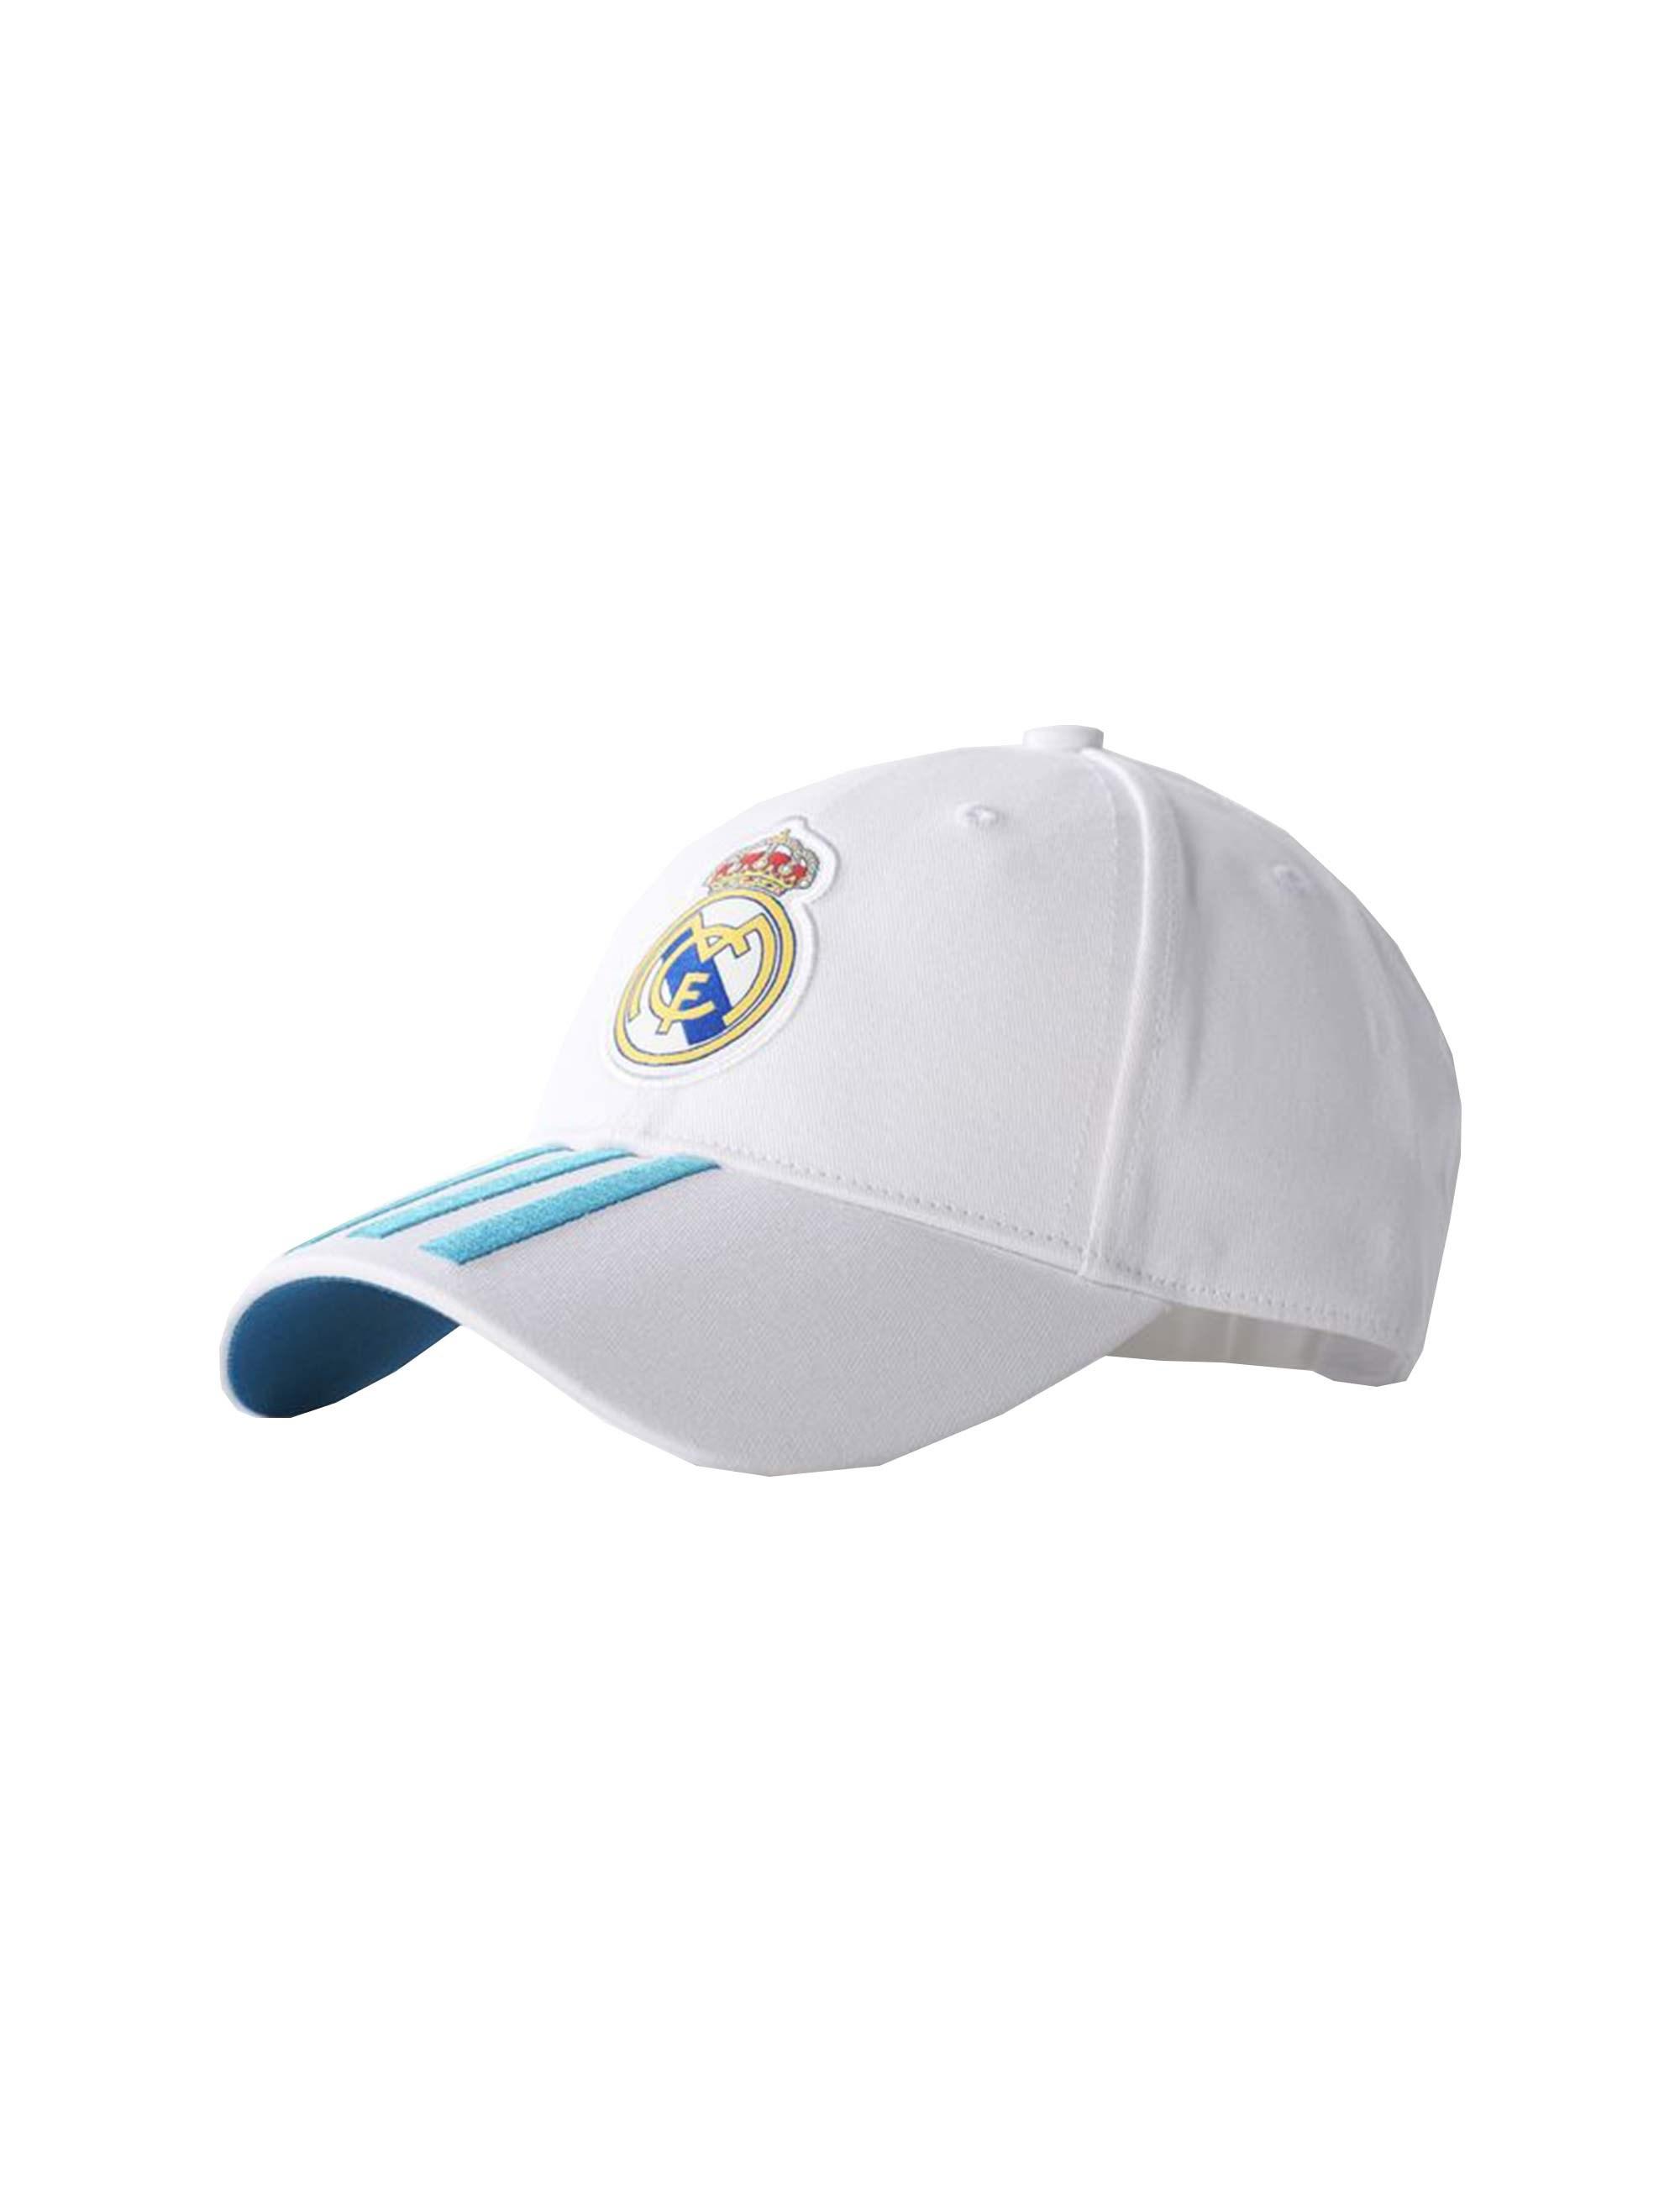 کپ نخی ساده بزرگسال Real Madrid 3-Stripes - آدیداس - سفيد - 1